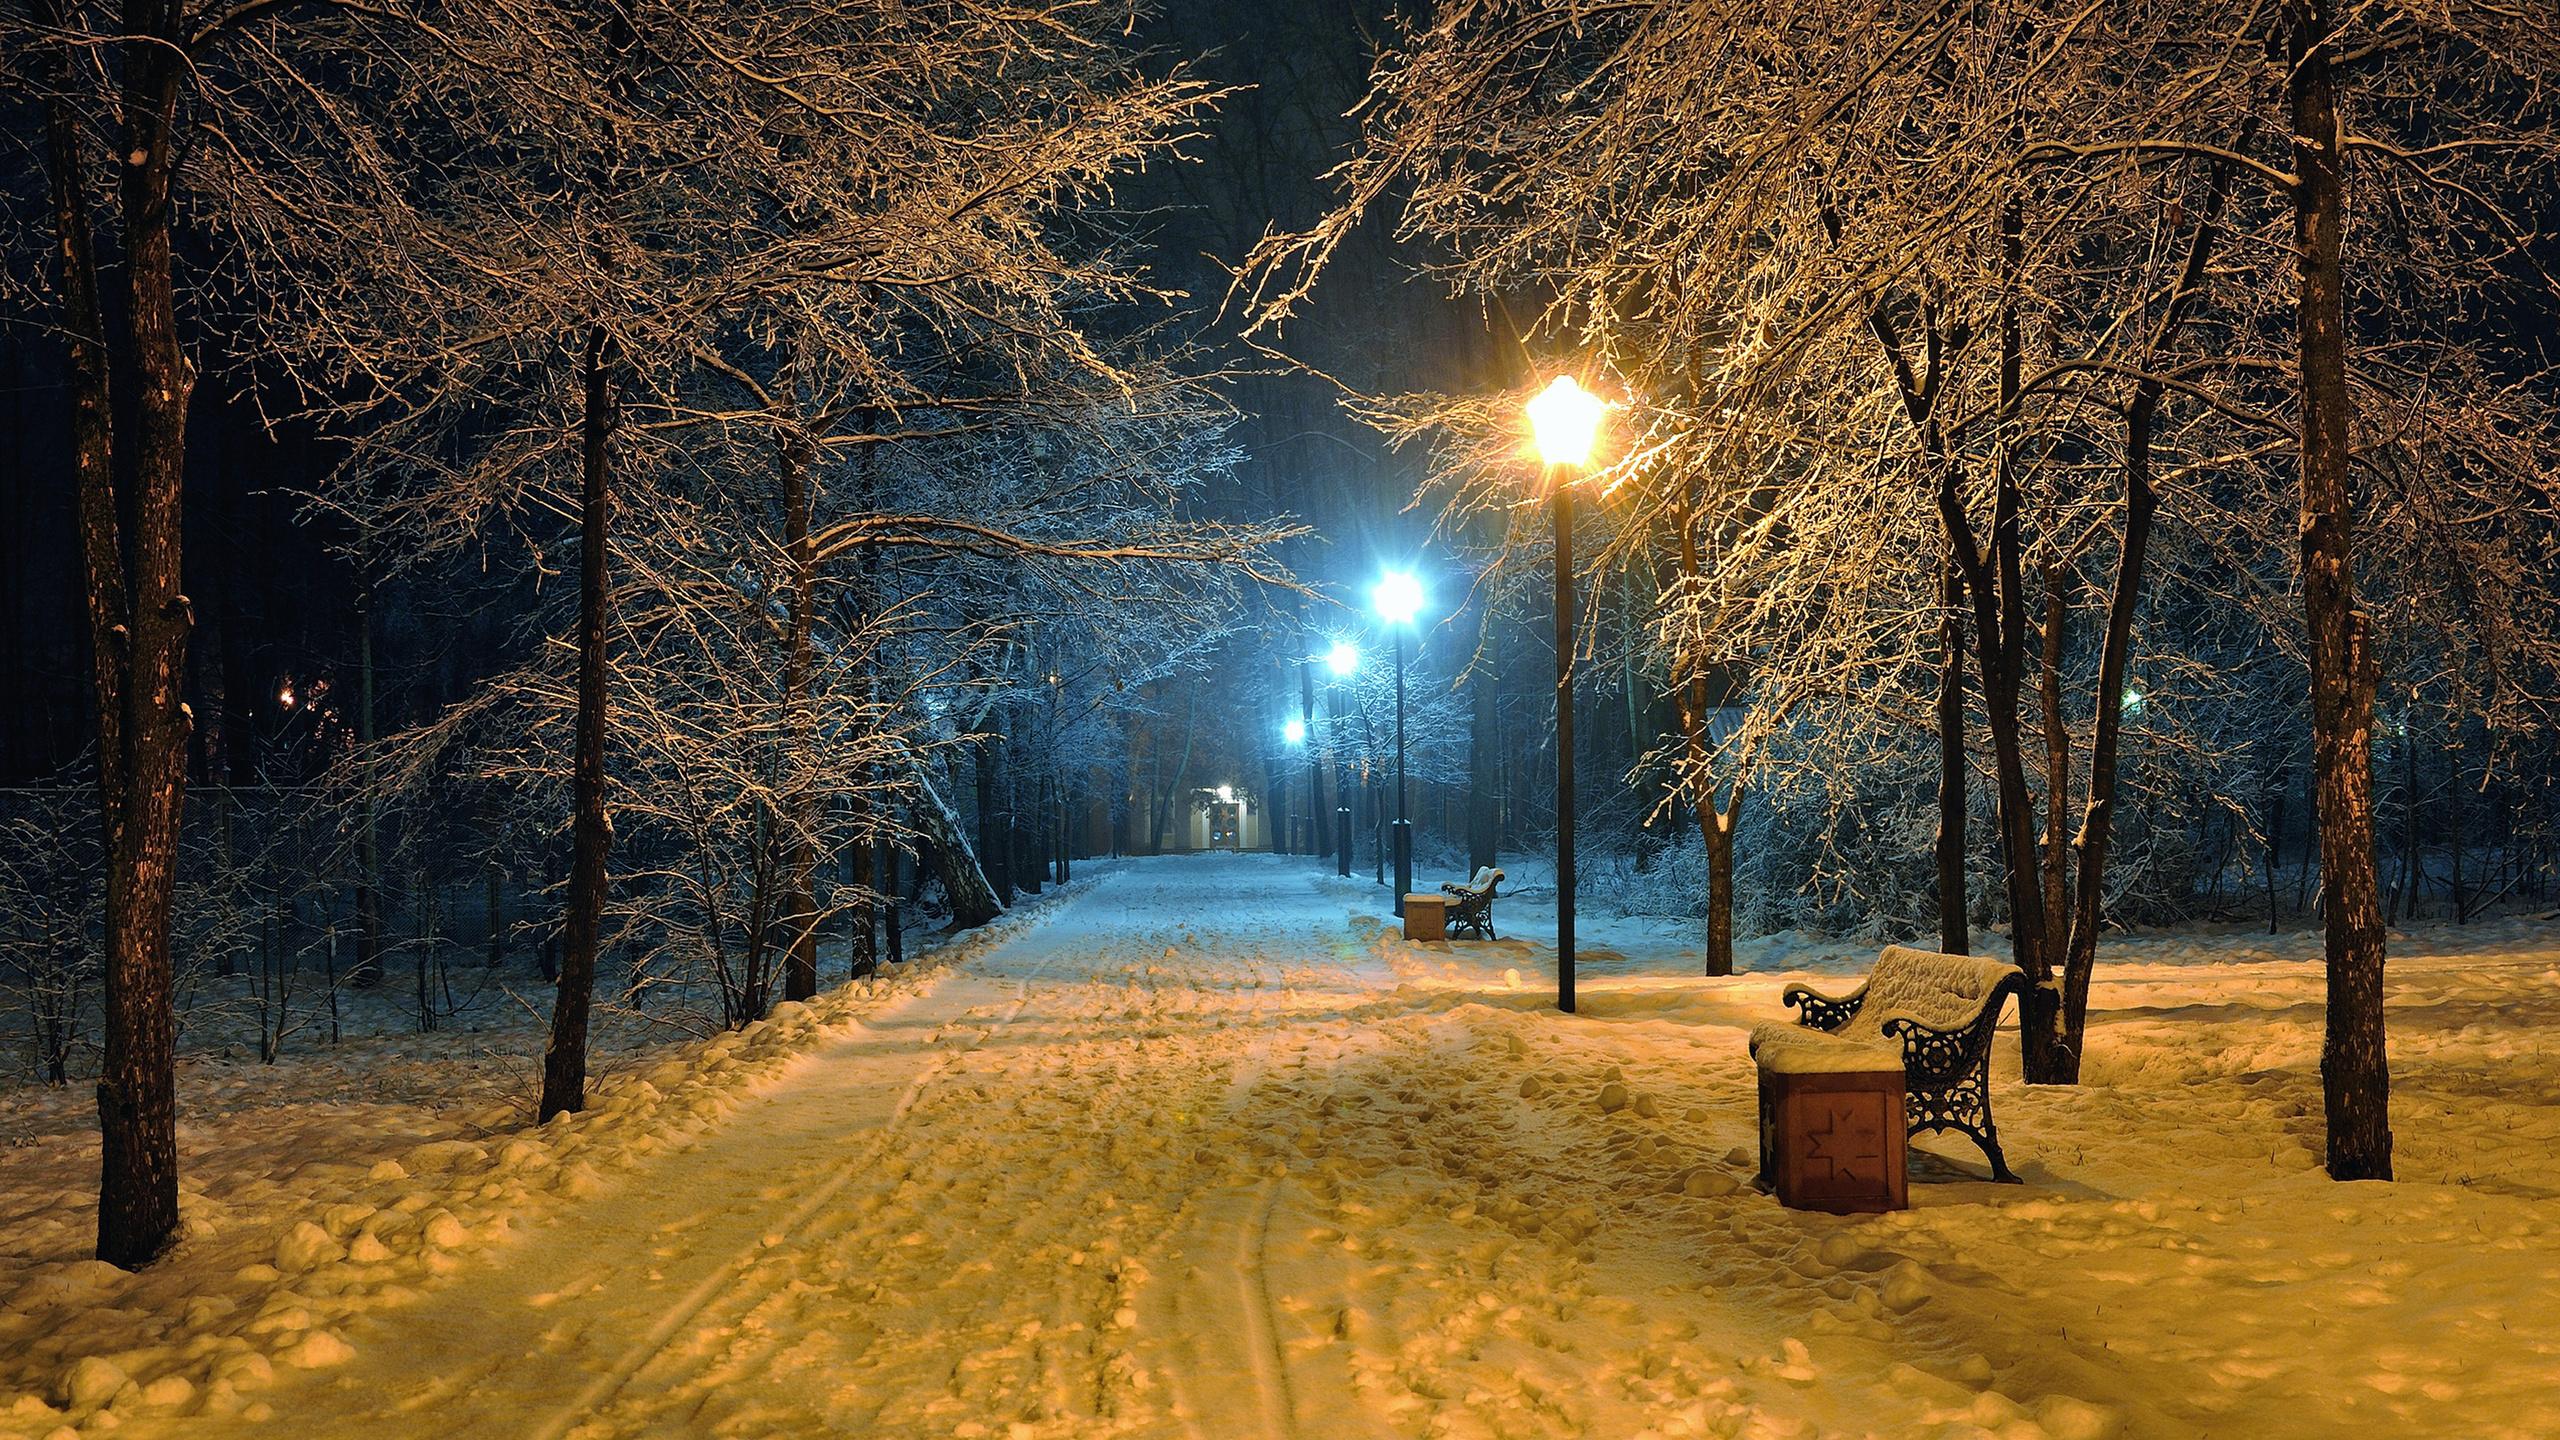 менее, картинки зимний парк расслабится, привыкнет фотографу